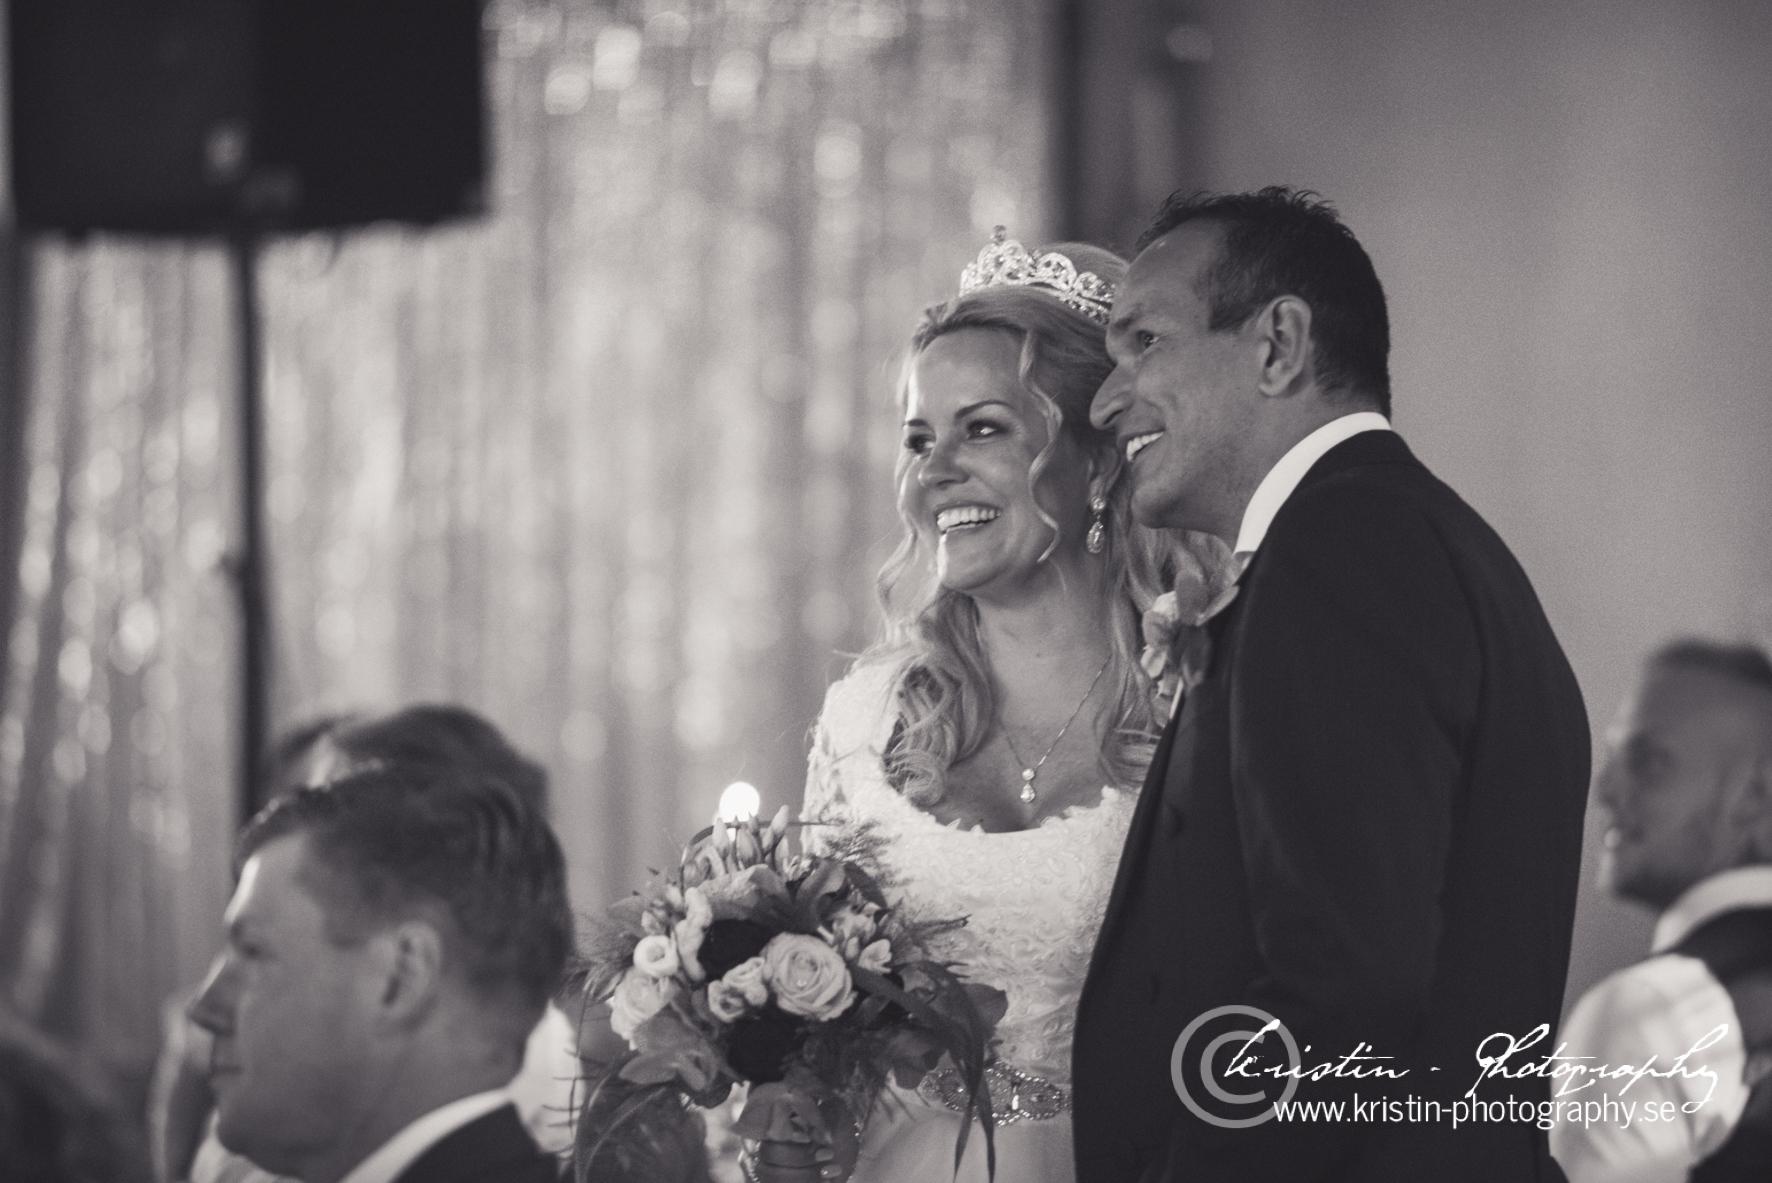 Bröllopsfotograf i Eskilstuna, Kristin - Photography-350.jpg